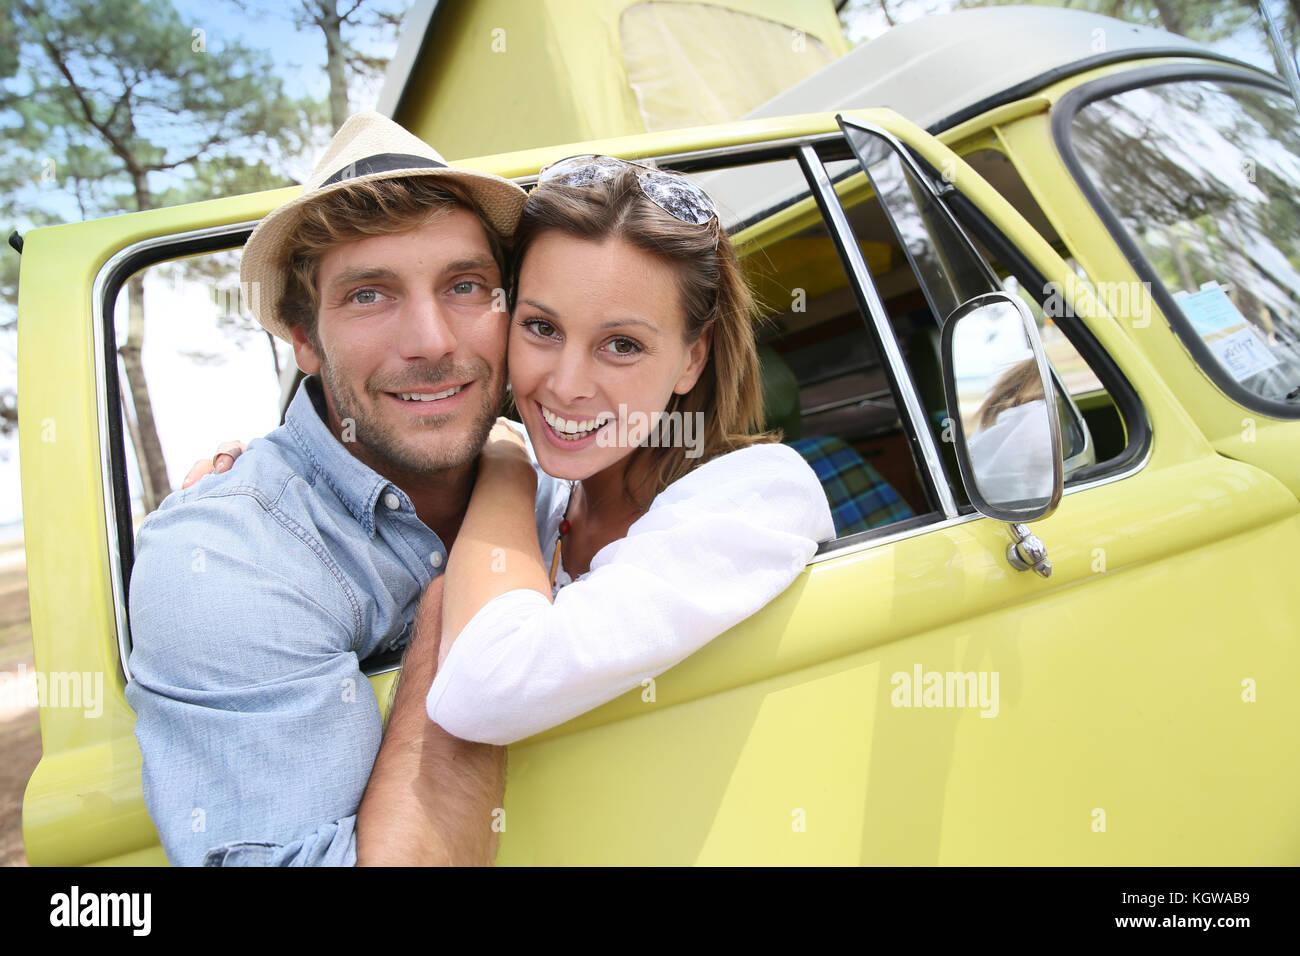 Paar stehend von Vintage camper Fenster Stockbild